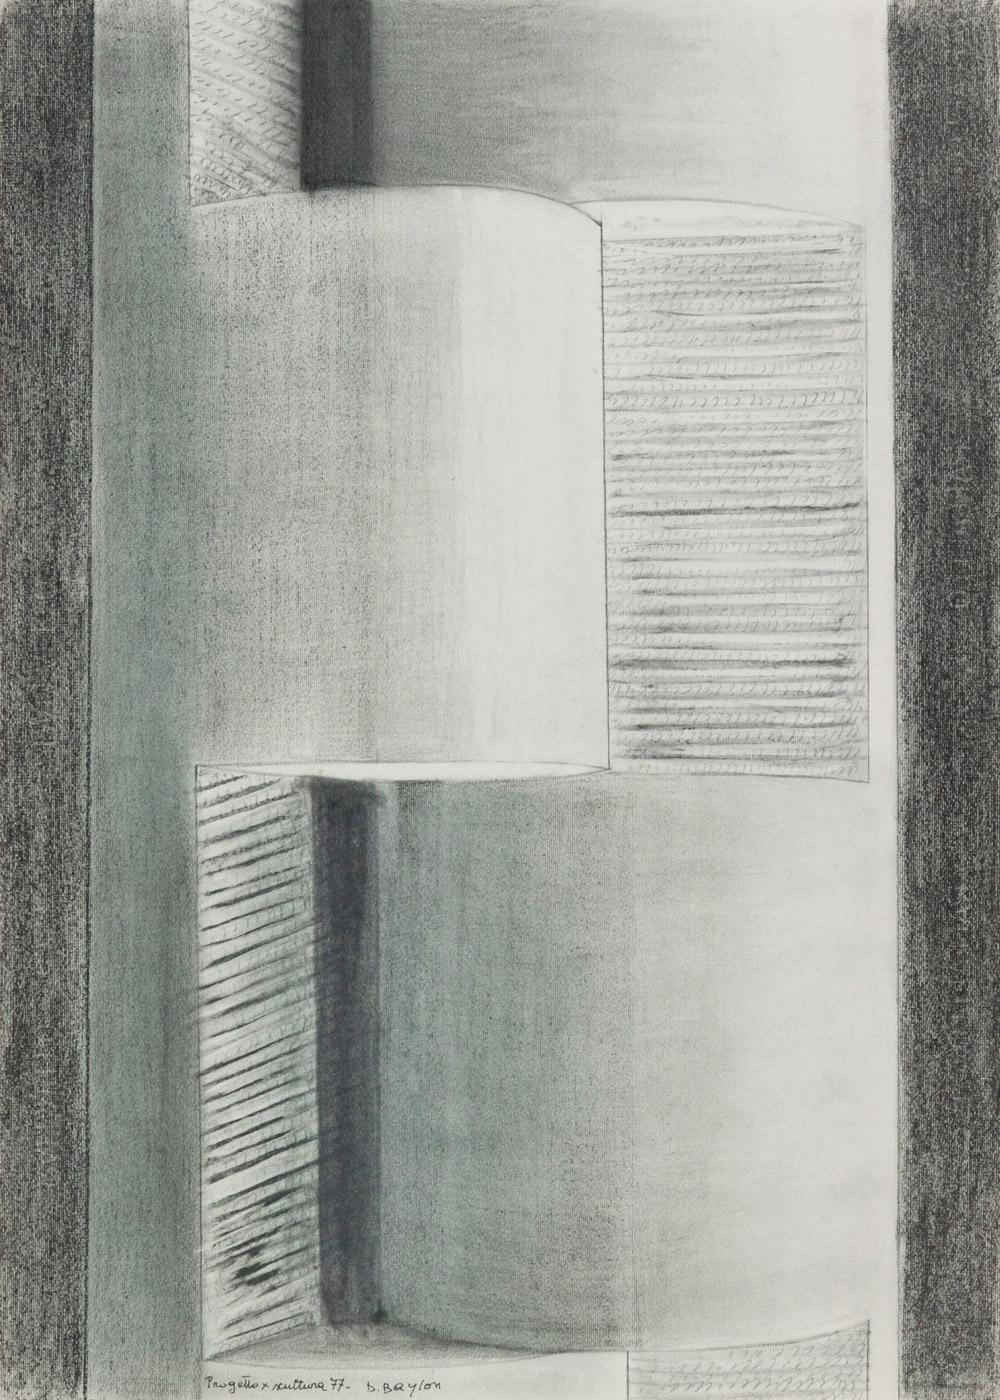 Progetto per scultura, 1977  grafite e gessetto su cartoncino, 66x48 cm Presso il Gabinetto dei Disegni e delle Stampe della Galleria degli Uffizi, cod. 123639